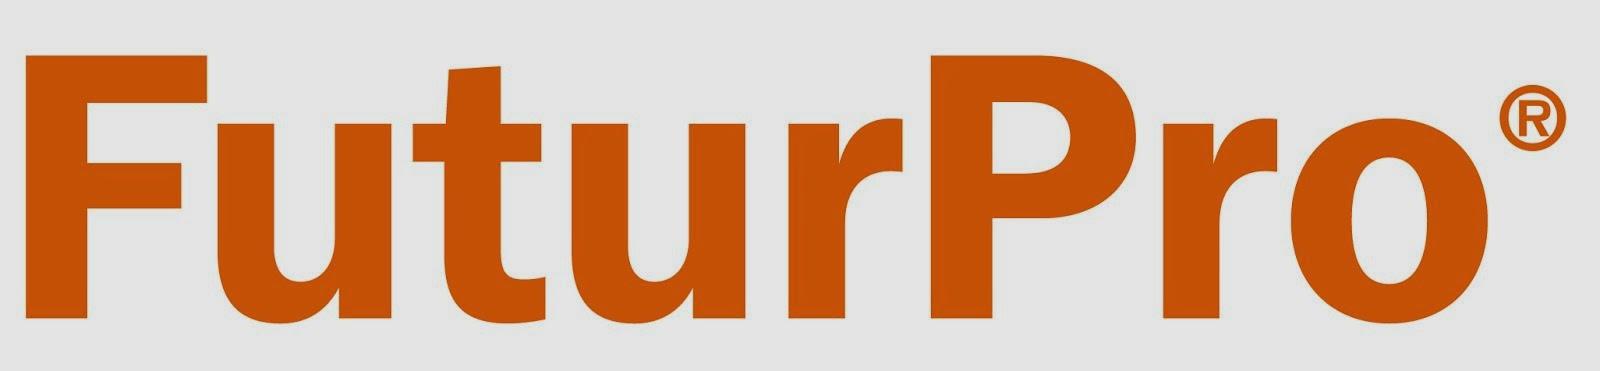 FuturPro